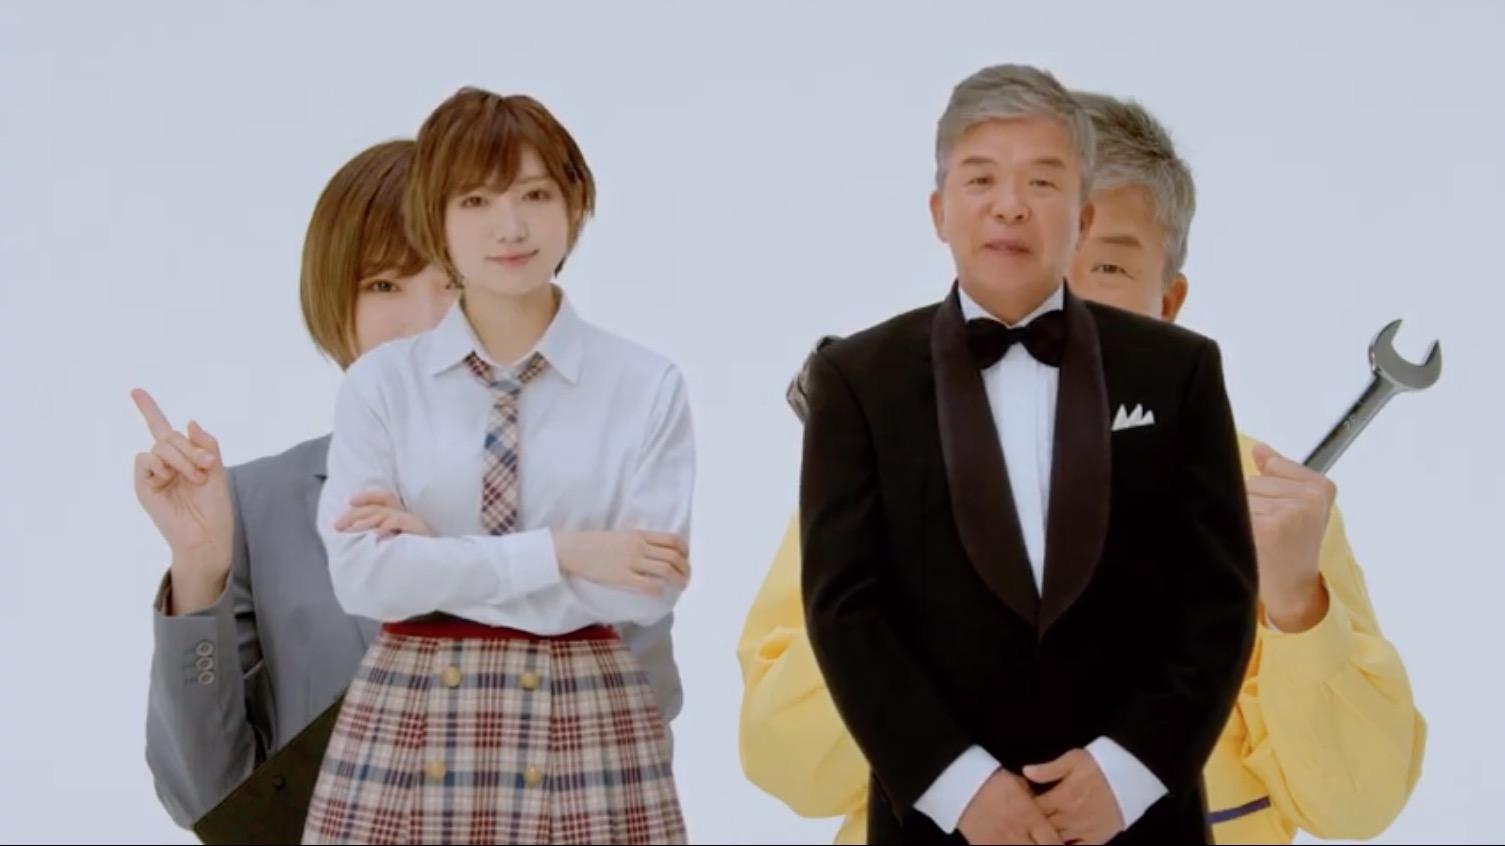 【太田夢莉】ゆーりが登場するシマダオートさんの新CMがYouTubeで公開